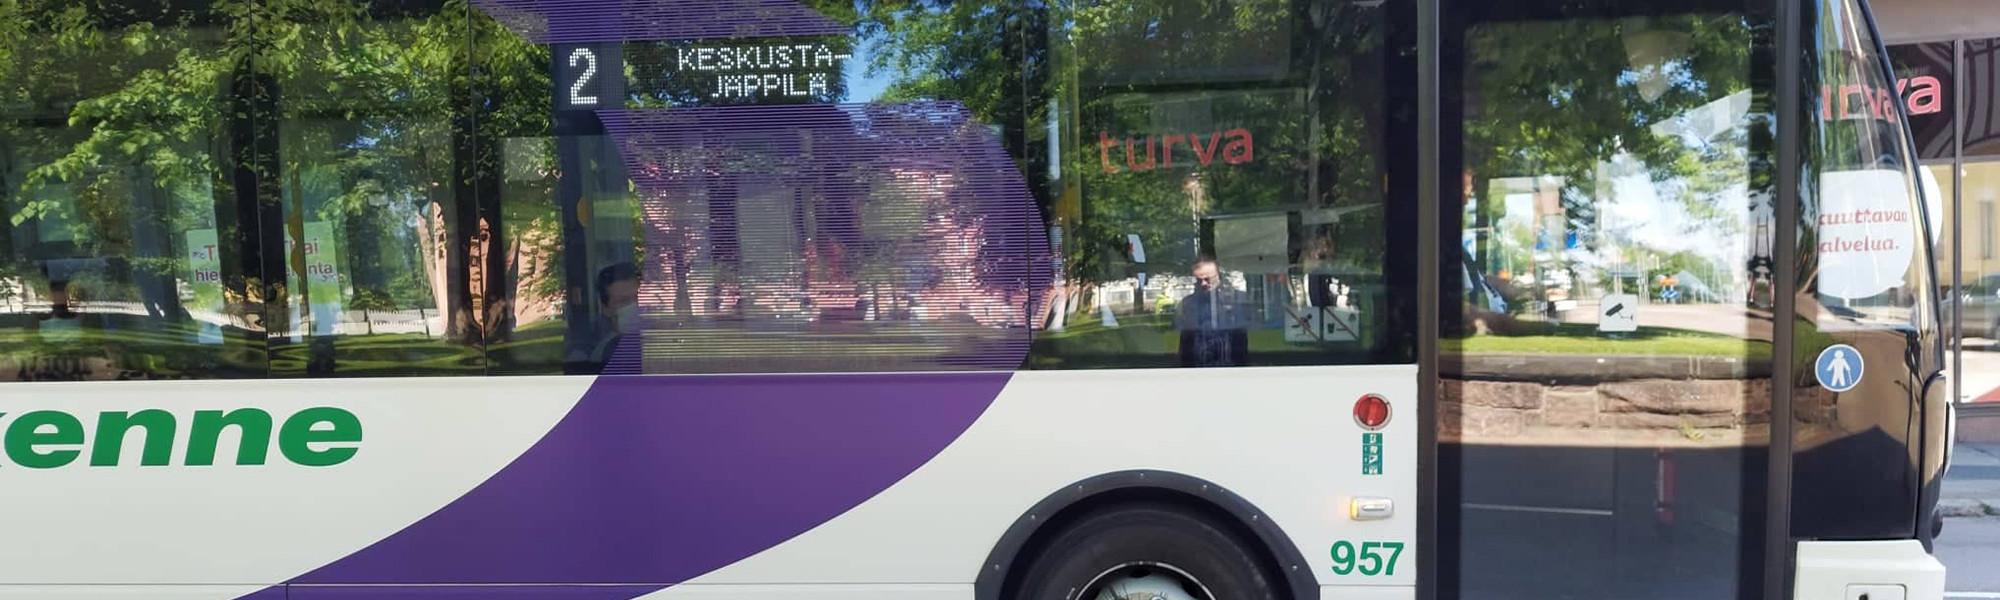 Linja-auto Kotkankadulla